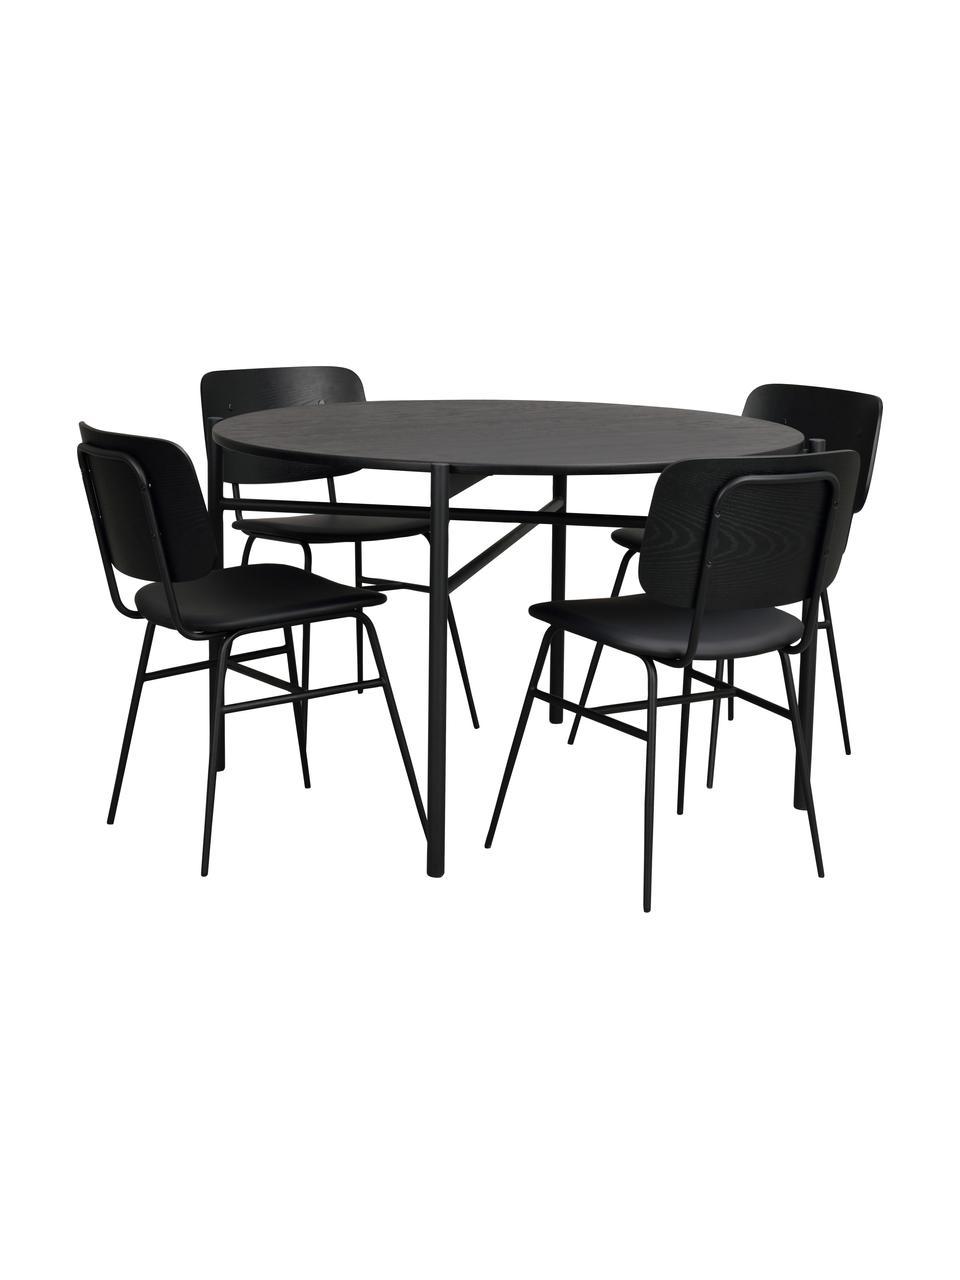 Runder Esstisch Skye, Ø 120 cm, Tischplatte: Mitteldichte Holzfaserpla, Beine: Metall, pulverbeschichtet, Schwarz, Ø 120 x H 75 cm